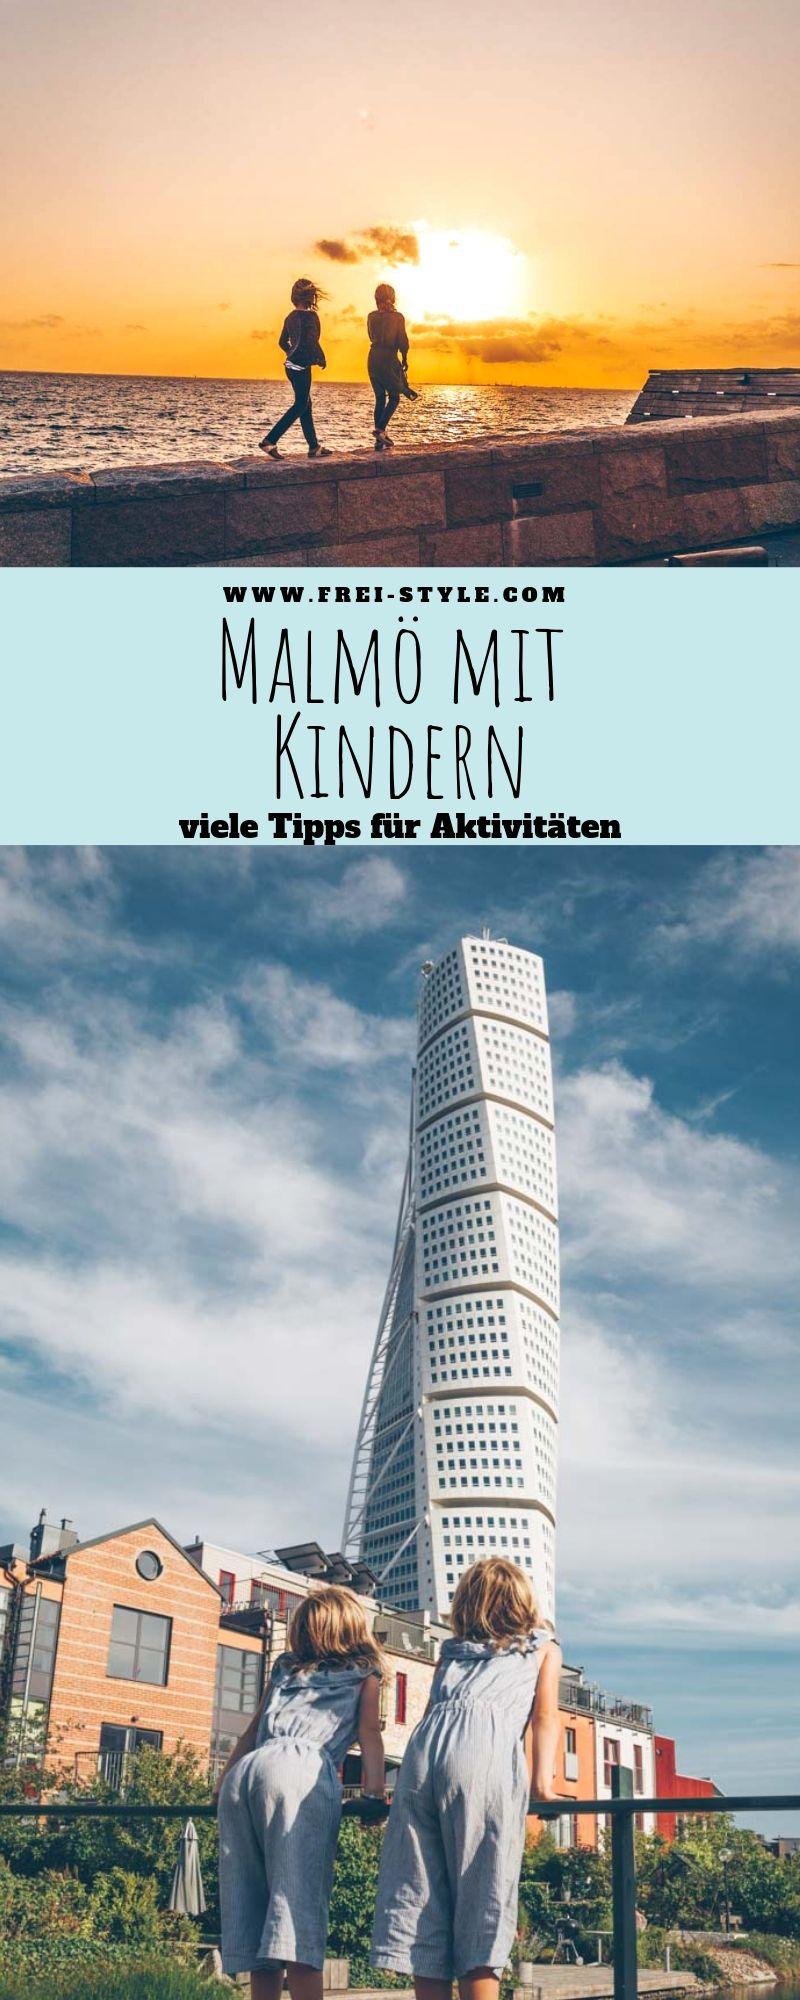 Malmö mit Kindern